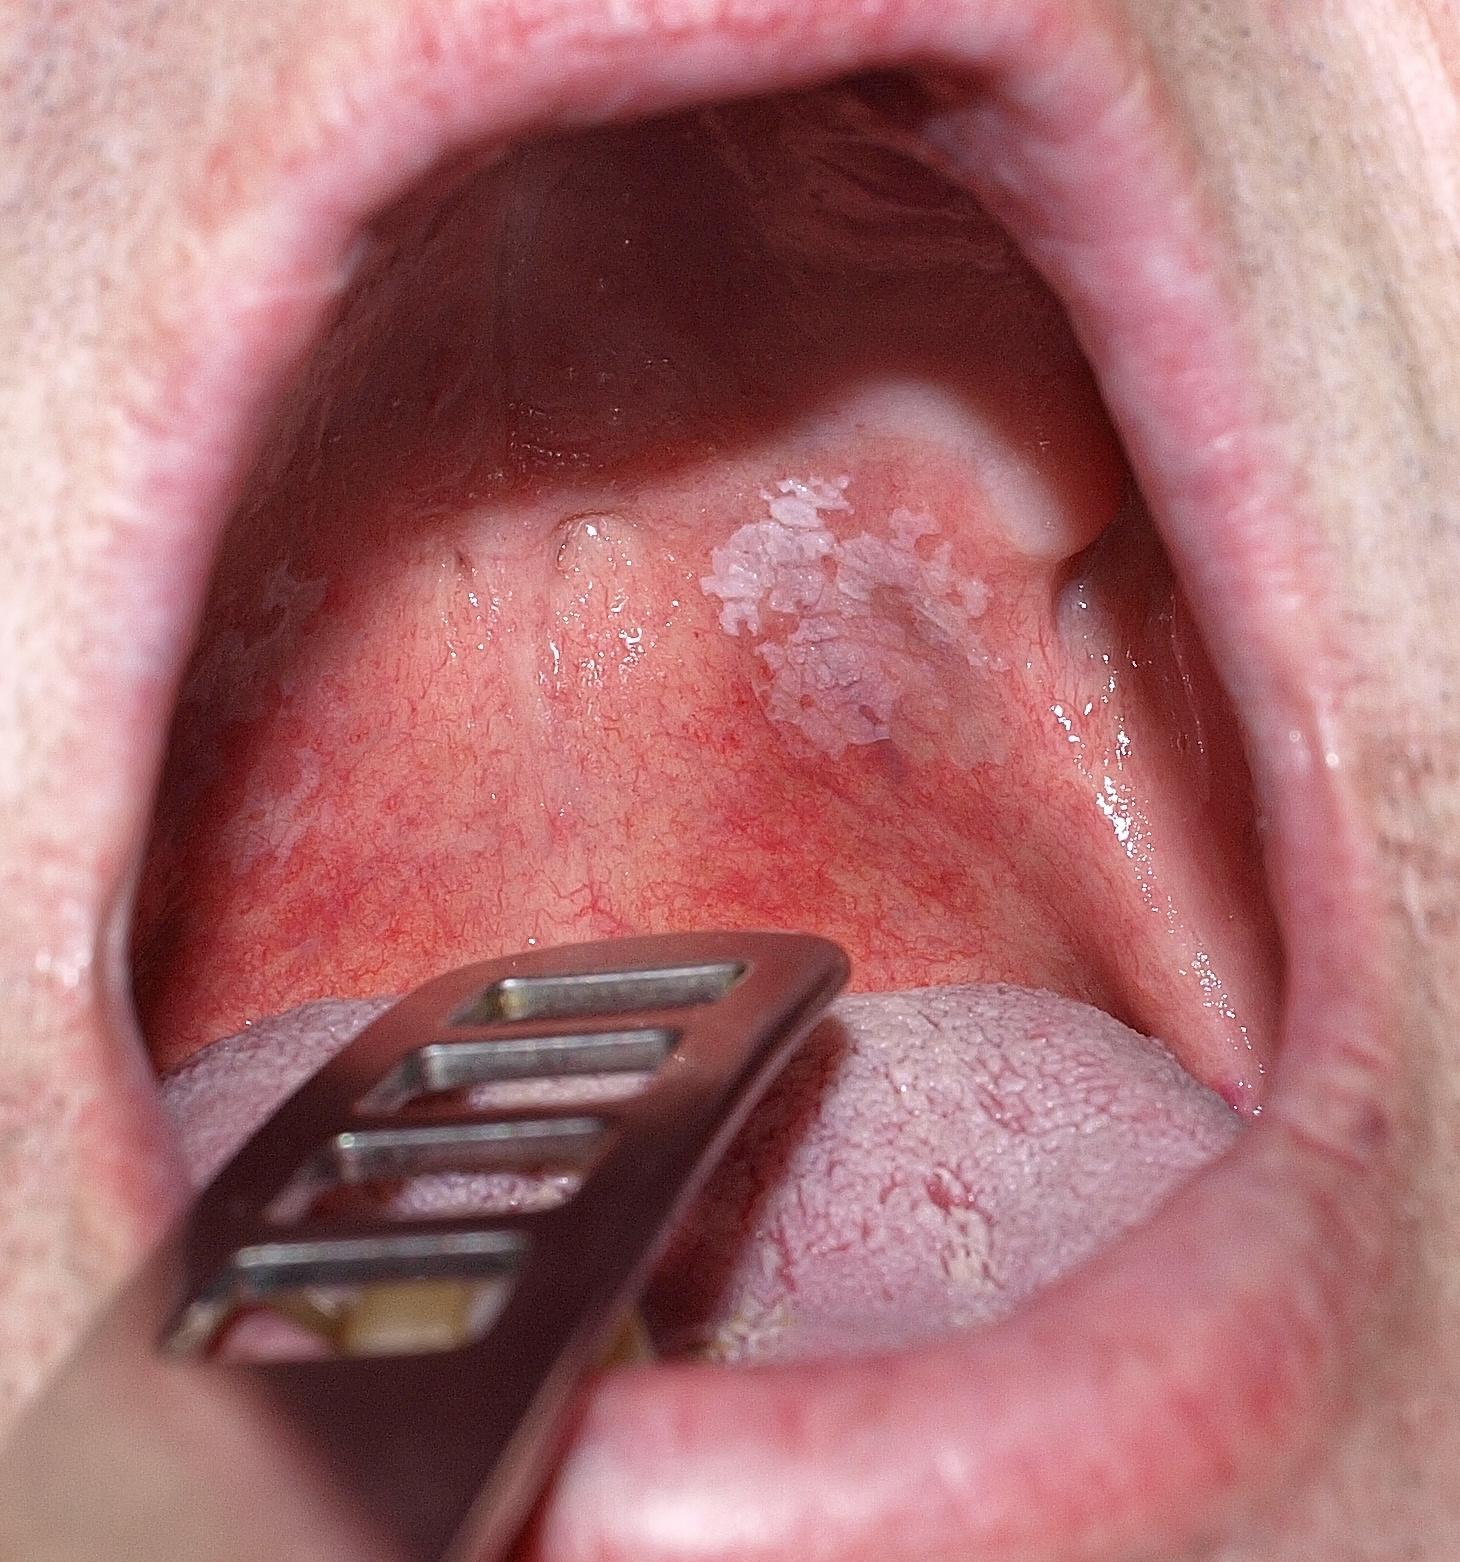 ajak belsejében papilloma távolítsa el az emberi papilloma vírust